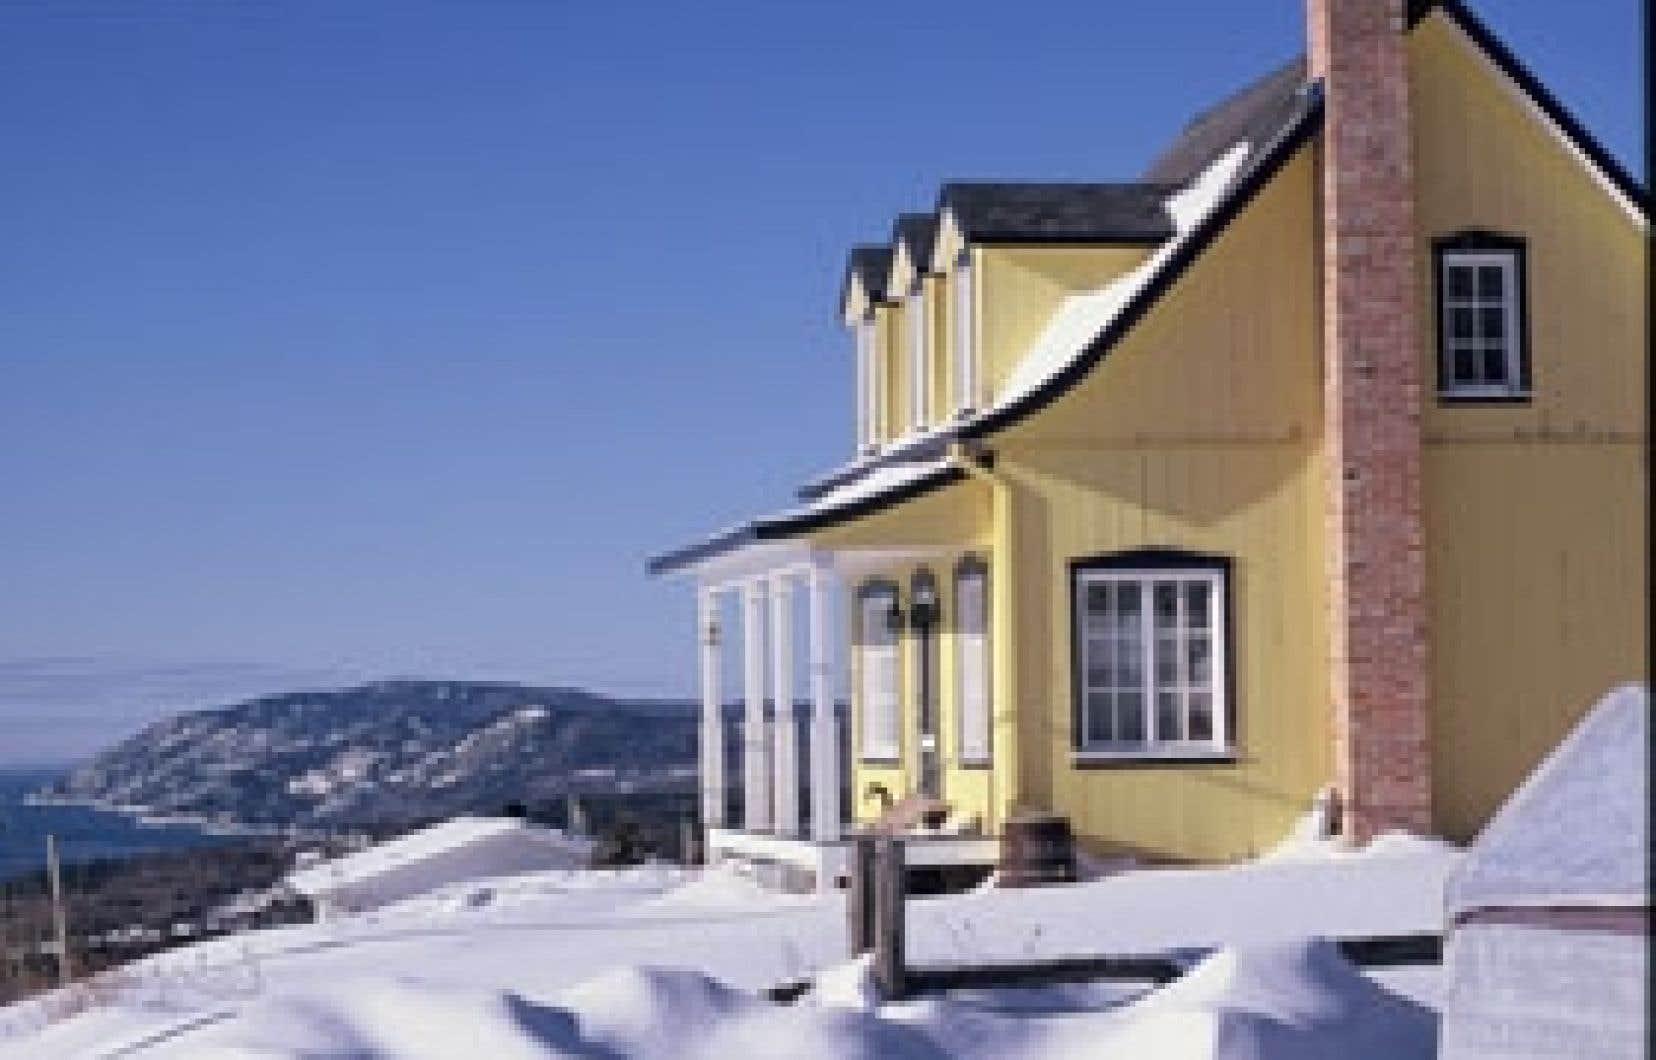 Un paysage typique de Charlevoix pendant la blanche saison. Mais cette année, les bancs de neige y sont tellement élevés qu'à certains endroits on distingue à peine les maisons! Photo: François Rivard